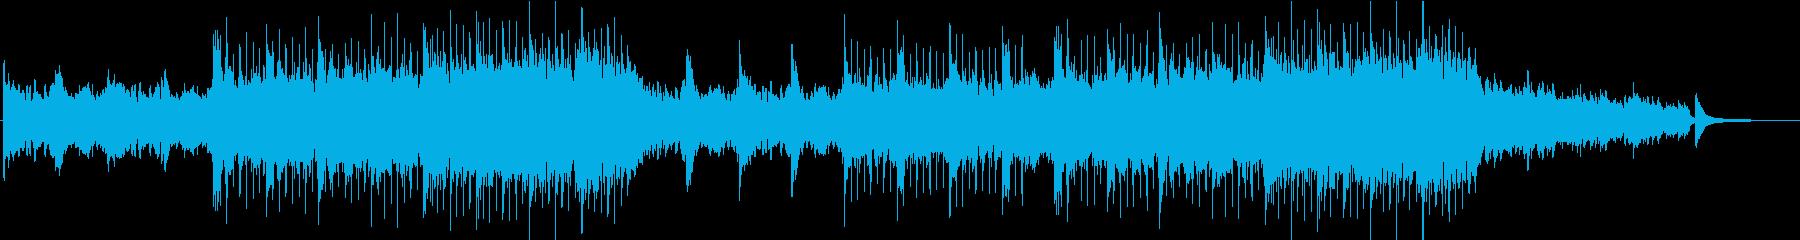 透明感のあるピアノ・アンビエントの再生済みの波形